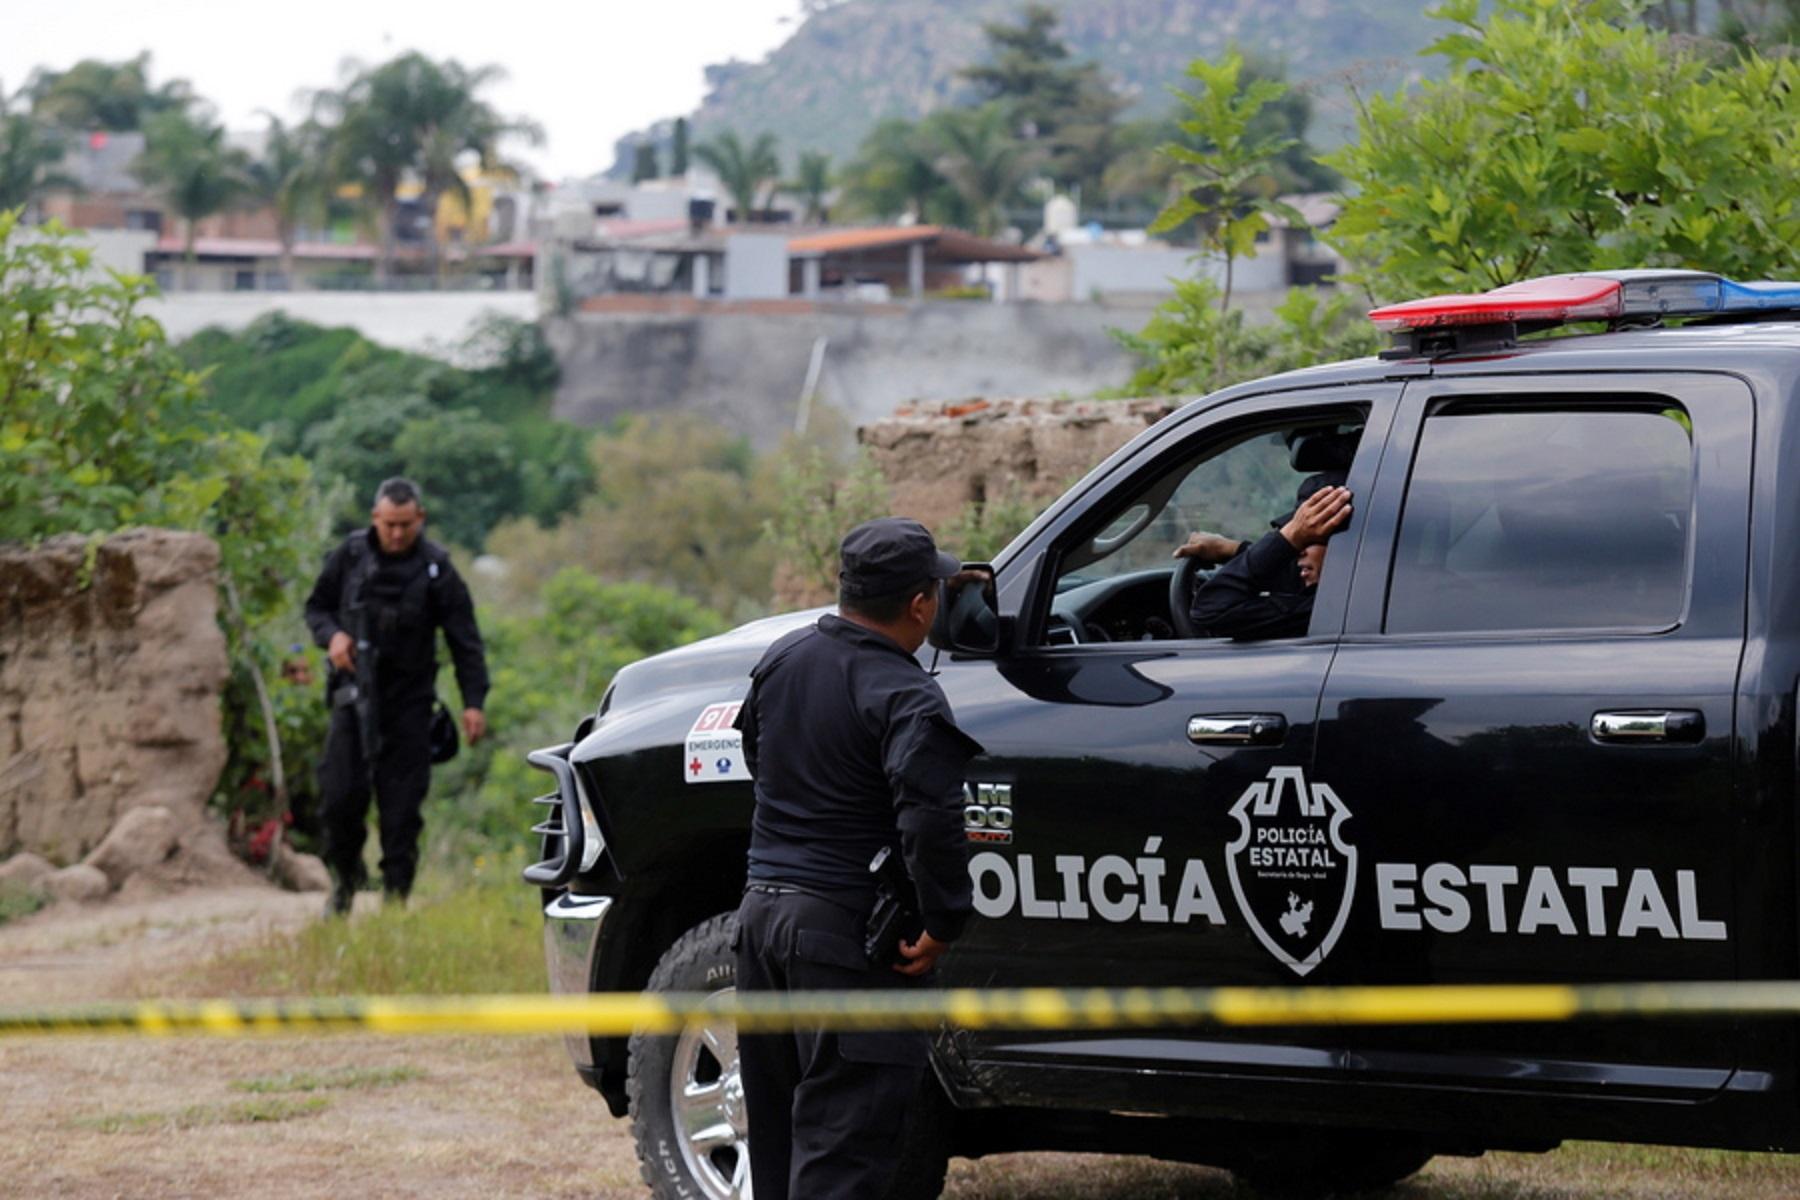 Μεξικό: Θλιβερό ρεκόρ! 35.000 ανθρωποκτονίες μέσα σε έναν χρόνο - 95 φόνοι την ημέρα